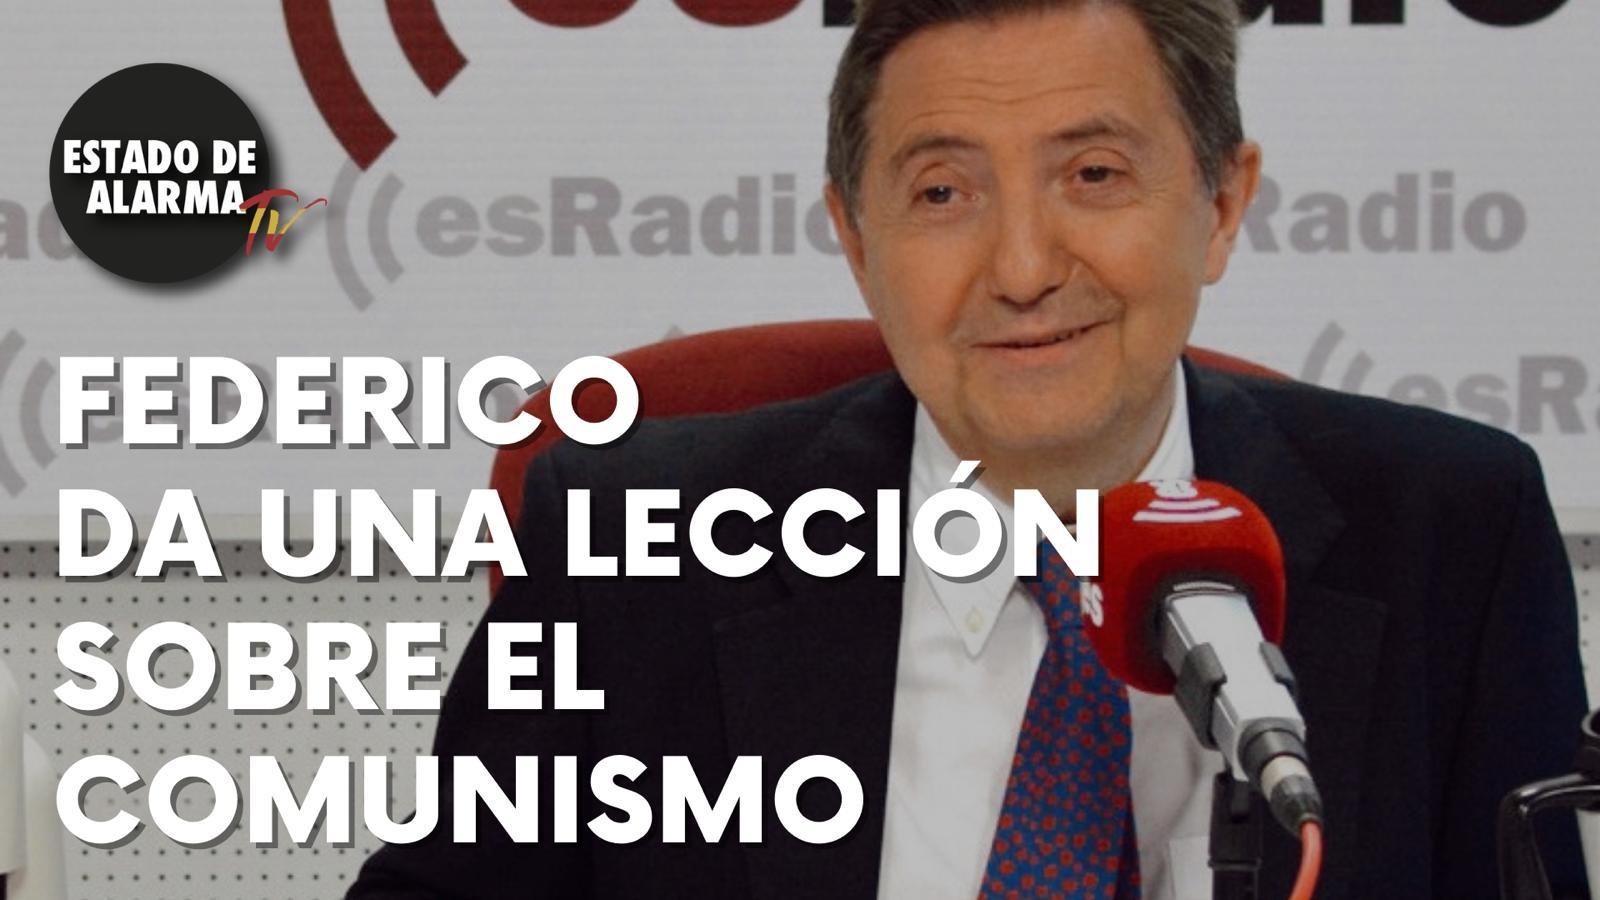 La magistral lección sobre comunismo de Federico Jiménez Losantos